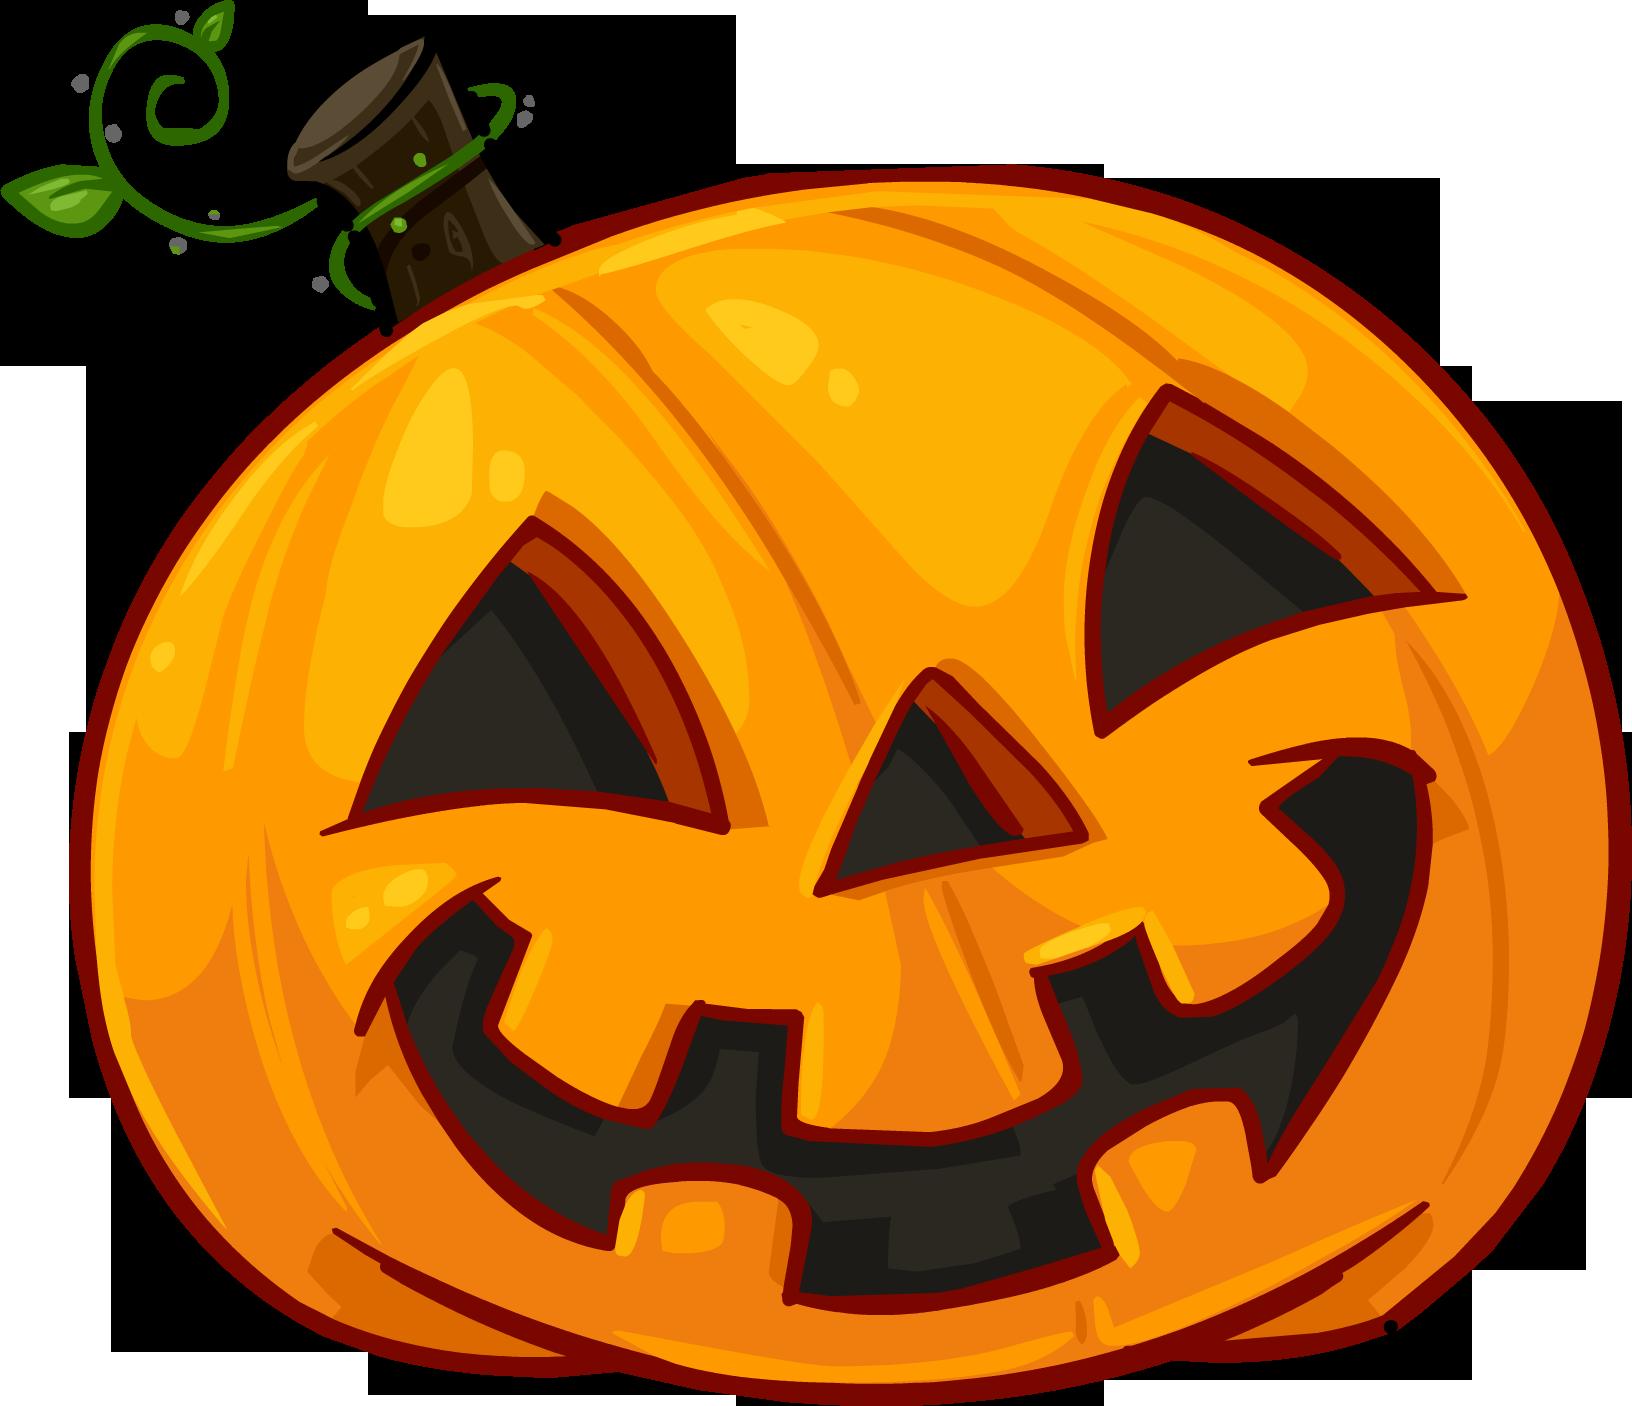 Happy Pumpkin PNG Free Download - Pumpkin PNG